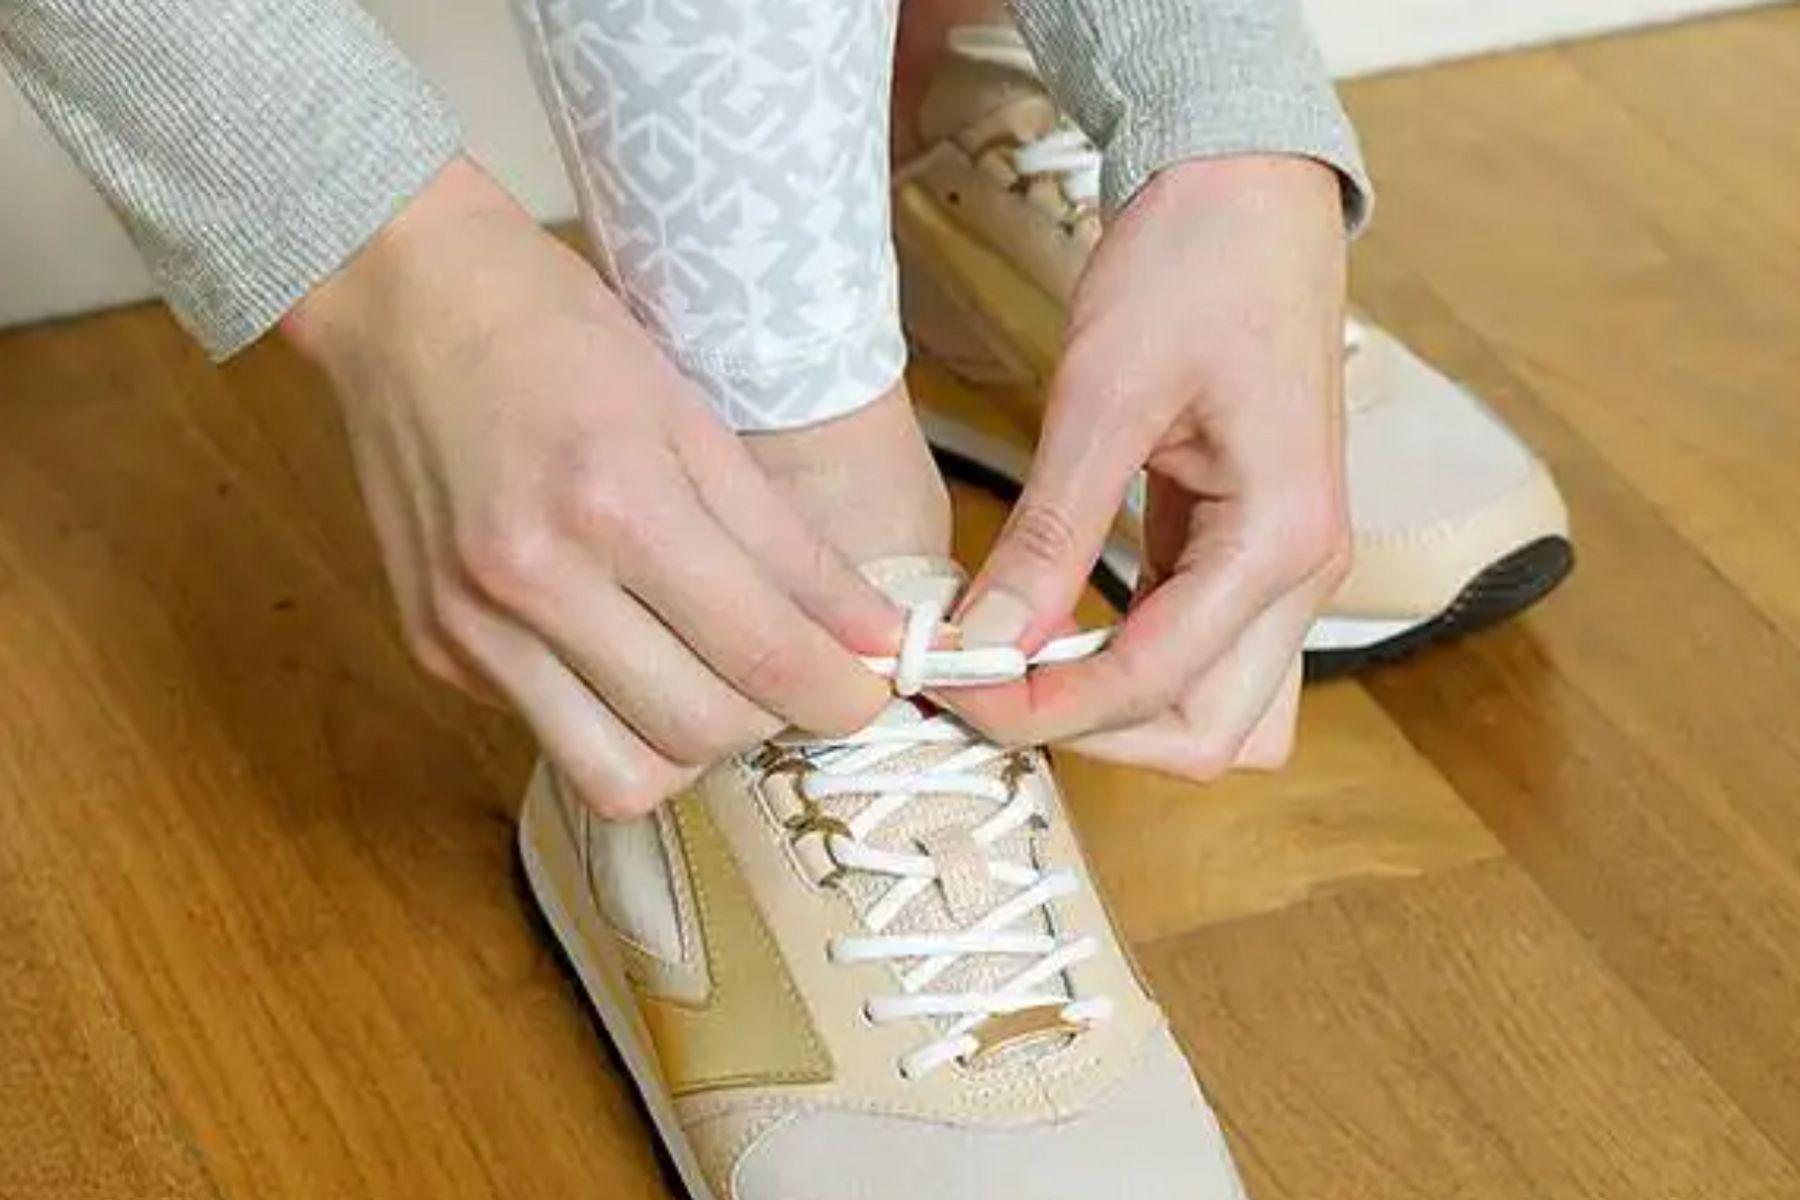 14.0 Cách Tẩy Giày Trắng Bị Ố Vàng Xỉn Màu Hiệu Quả Nhanh Nhất